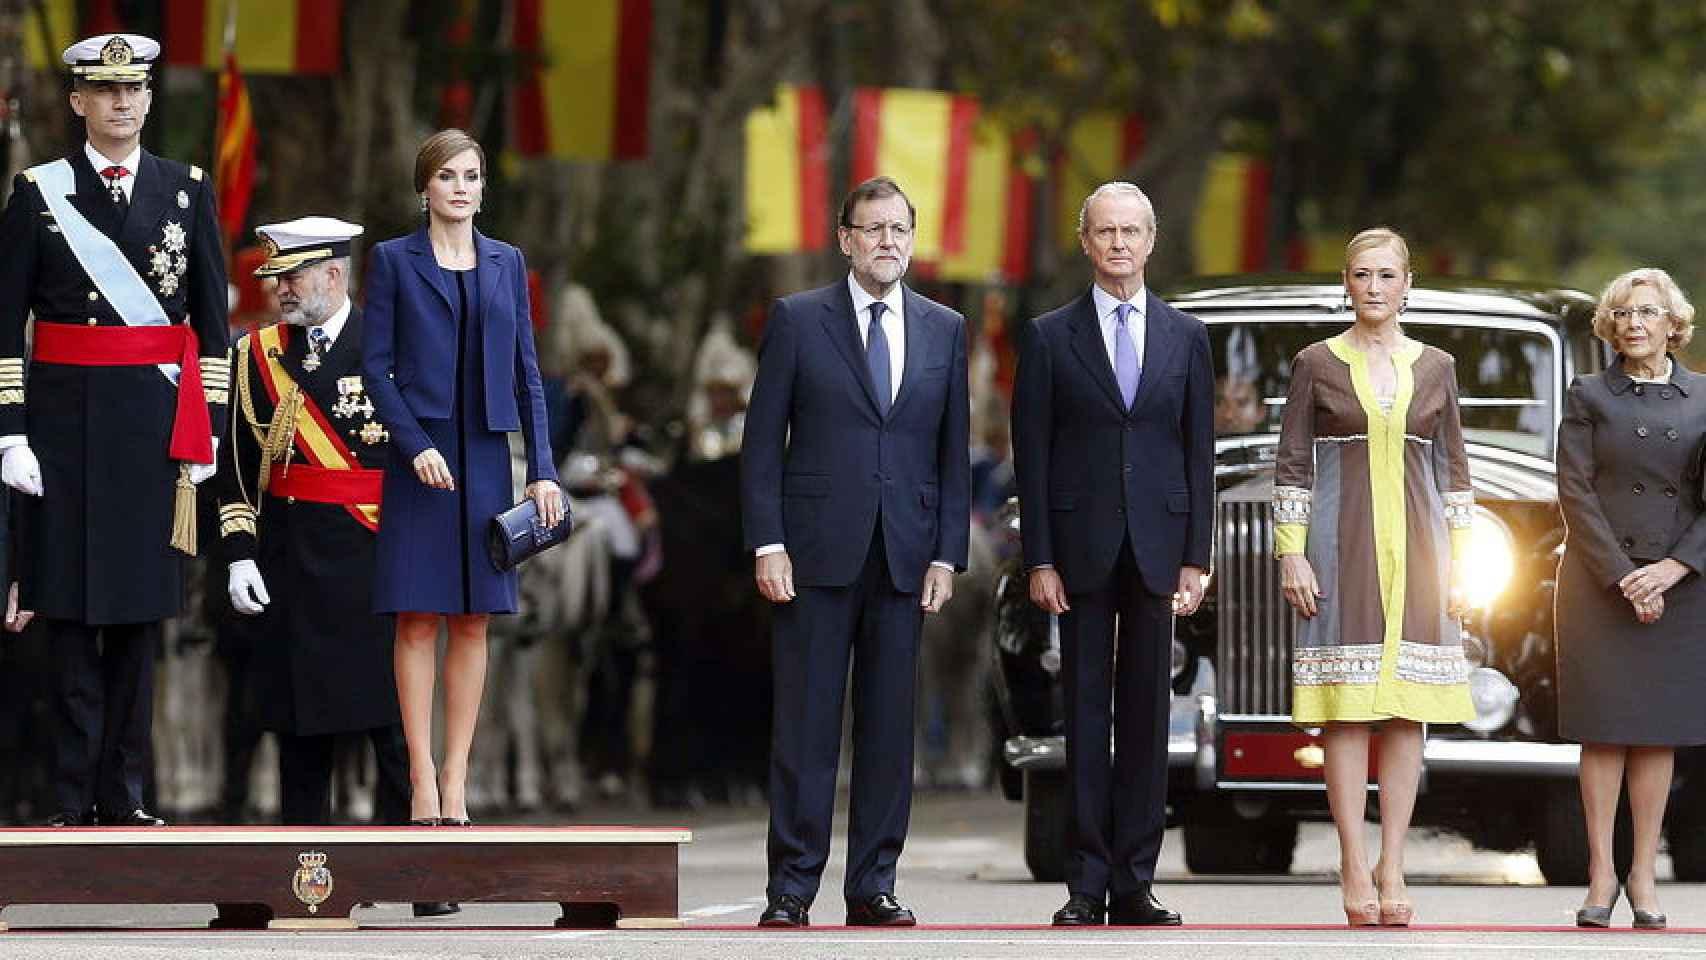 Los reyes Felipe y Letizia  y Mariano Rajoy han presidido el desfile del Día de la Fiesta Nacional